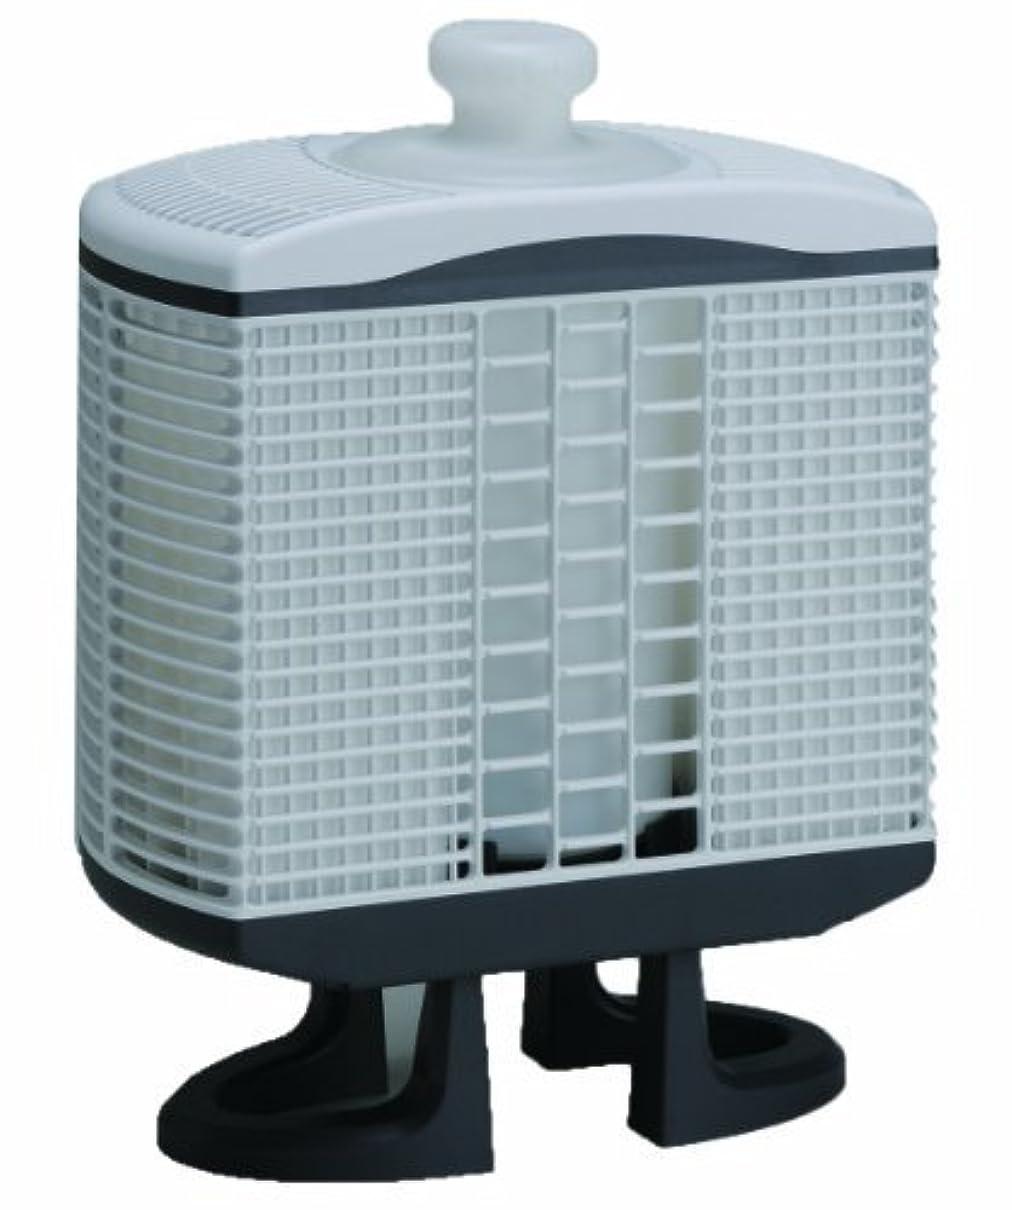 空白知事罰セイエイ (Seiei) 電気を使わない加湿器 ガイアモパーソナルタイプ 【まとめ買い3個セット】